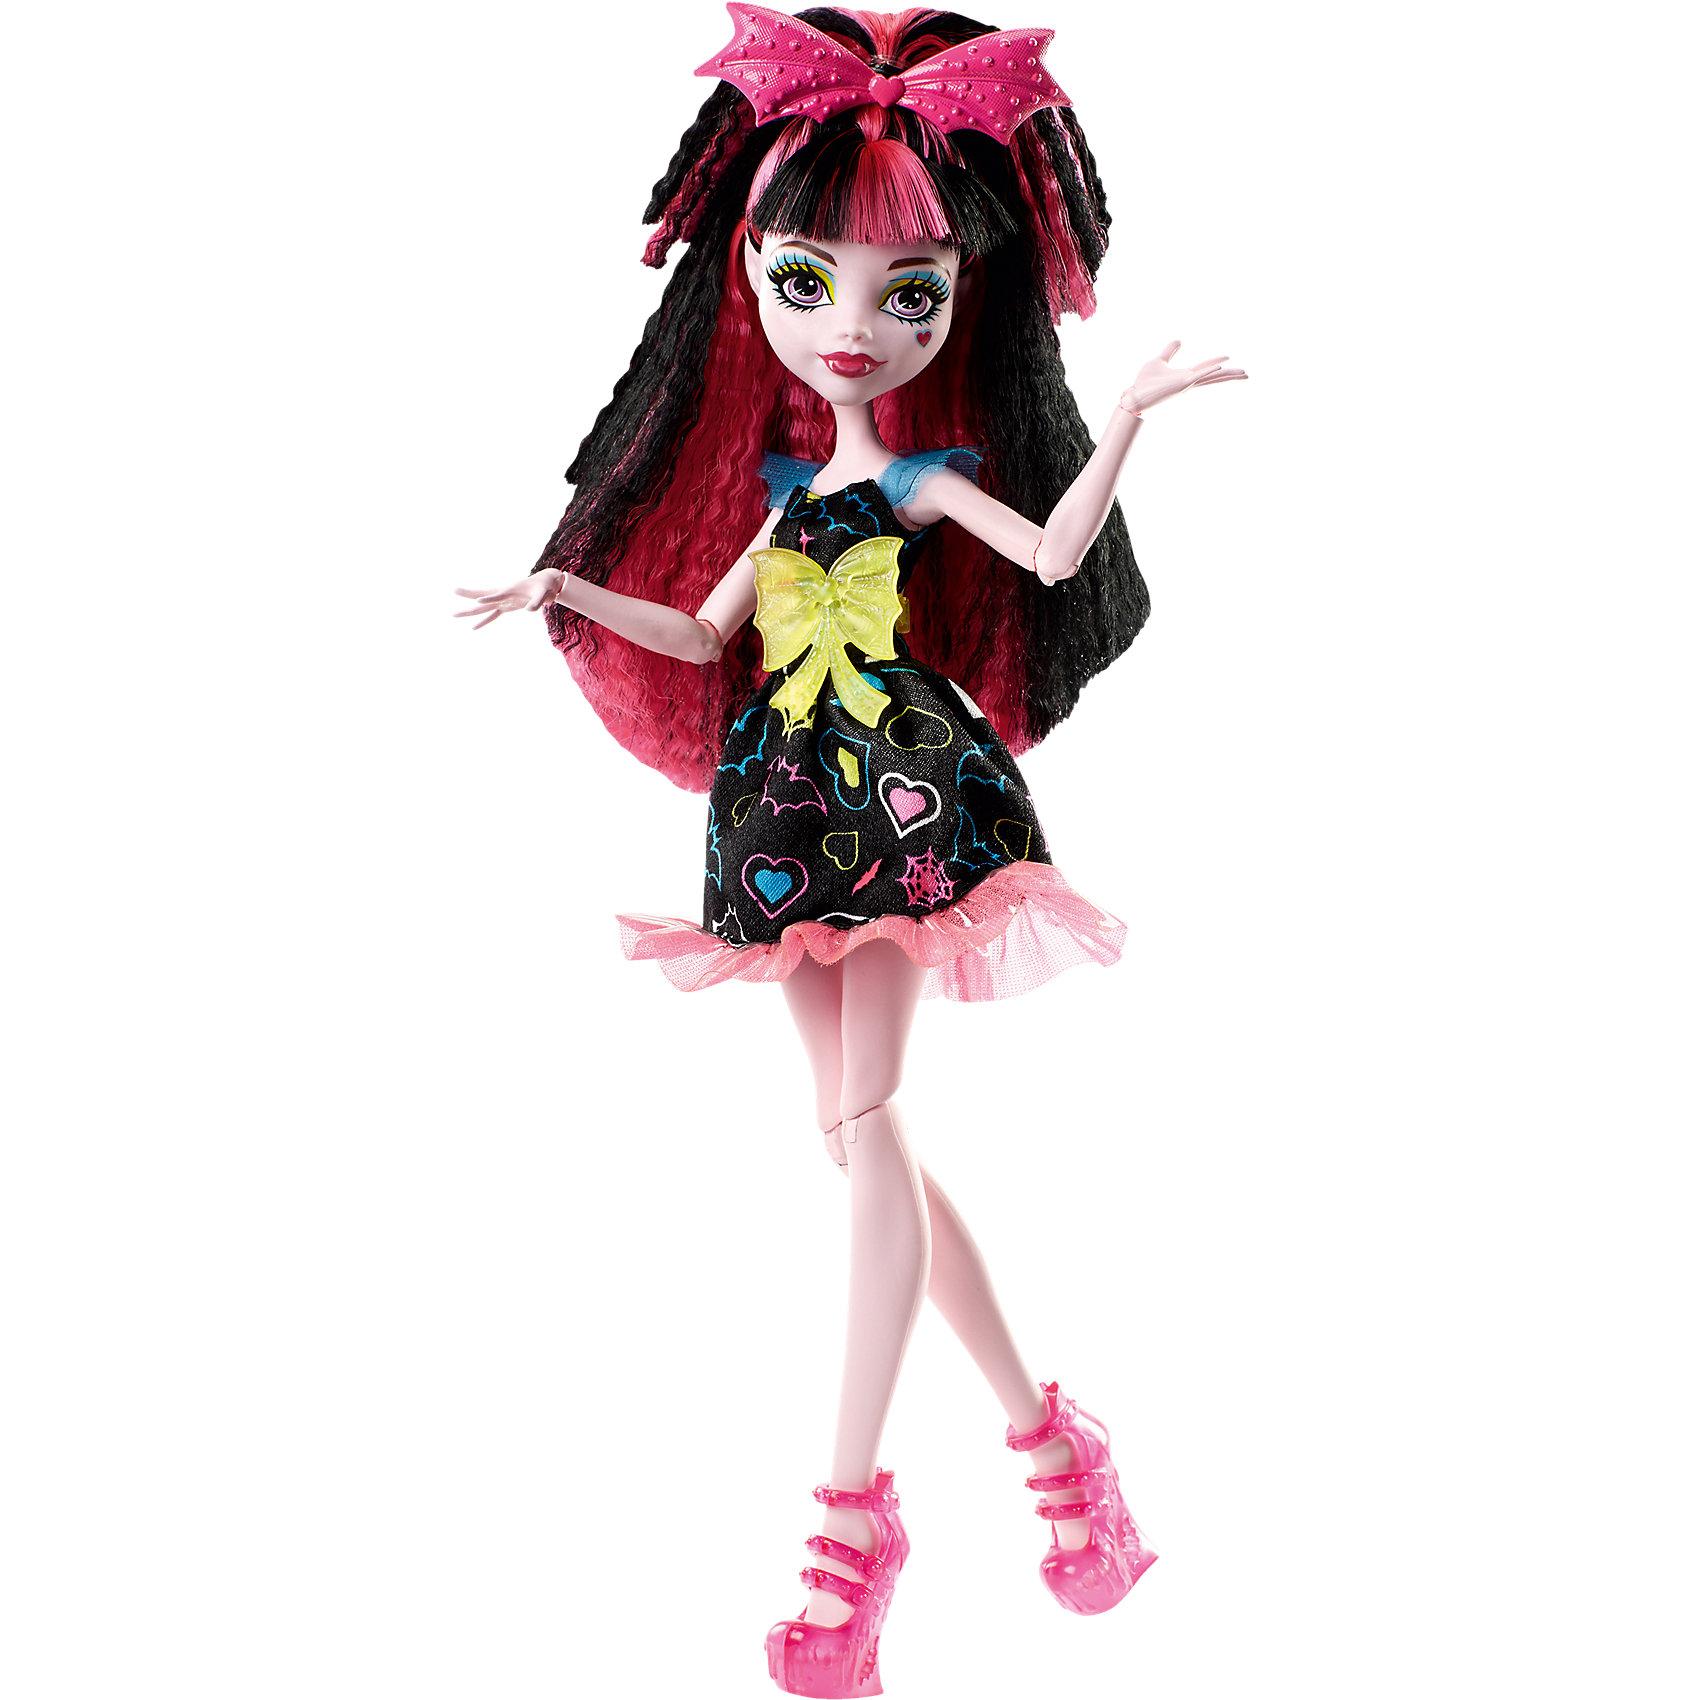 Неоновая монстряшка Дракулаура из серии Под напряжением, Monster HighMonster High<br>Характеристики товара:<br><br>• имя куклы: Дракулаура<br>• комплектация: кукла, одежда, аксессуары<br>• материал: пластик, текстиль<br>• серия: Под напряжением<br>• руки, ноги гнутся<br>• высота куклы: 27 см<br>• возраст: от 6 лет<br>• размер упаковки: 32 x 16 x 7 см<br>• вес: 0,3 кг<br>• страна бренда: США<br><br>Такая современная кукла порадует маленьких любительниц мультфильмов про мир Monster High. Костюм героини мультфильма дополняет обувь и аксессуары. Руки и ноги гнутся, из длинных волос можно делать прически! Кукла Дракулаура из серии Под напряжением, Monster High, станет великолепным подарком для девочек.<br><br>Игры с куклами помогают девочкам отработать сценарии поведения в обществе, развить воображение и мелкую моторику. Изделие произведено из безопасных для детей материалов. Куклы Monster High от бренда Mattel не перестают быть популярными у современных девочек! <br><br>Куклу Неоновая монстряшка Дракулаура из серии Под напряжением, Monster High, от компании Mattel можно купить в нашем интернет-магазине.<br><br>Ширина мм: 339<br>Глубина мм: 154<br>Высота мм: 58<br>Вес г: 172<br>Возраст от месяцев: 72<br>Возраст до месяцев: 120<br>Пол: Женский<br>Возраст: Детский<br>SKU: 5089100